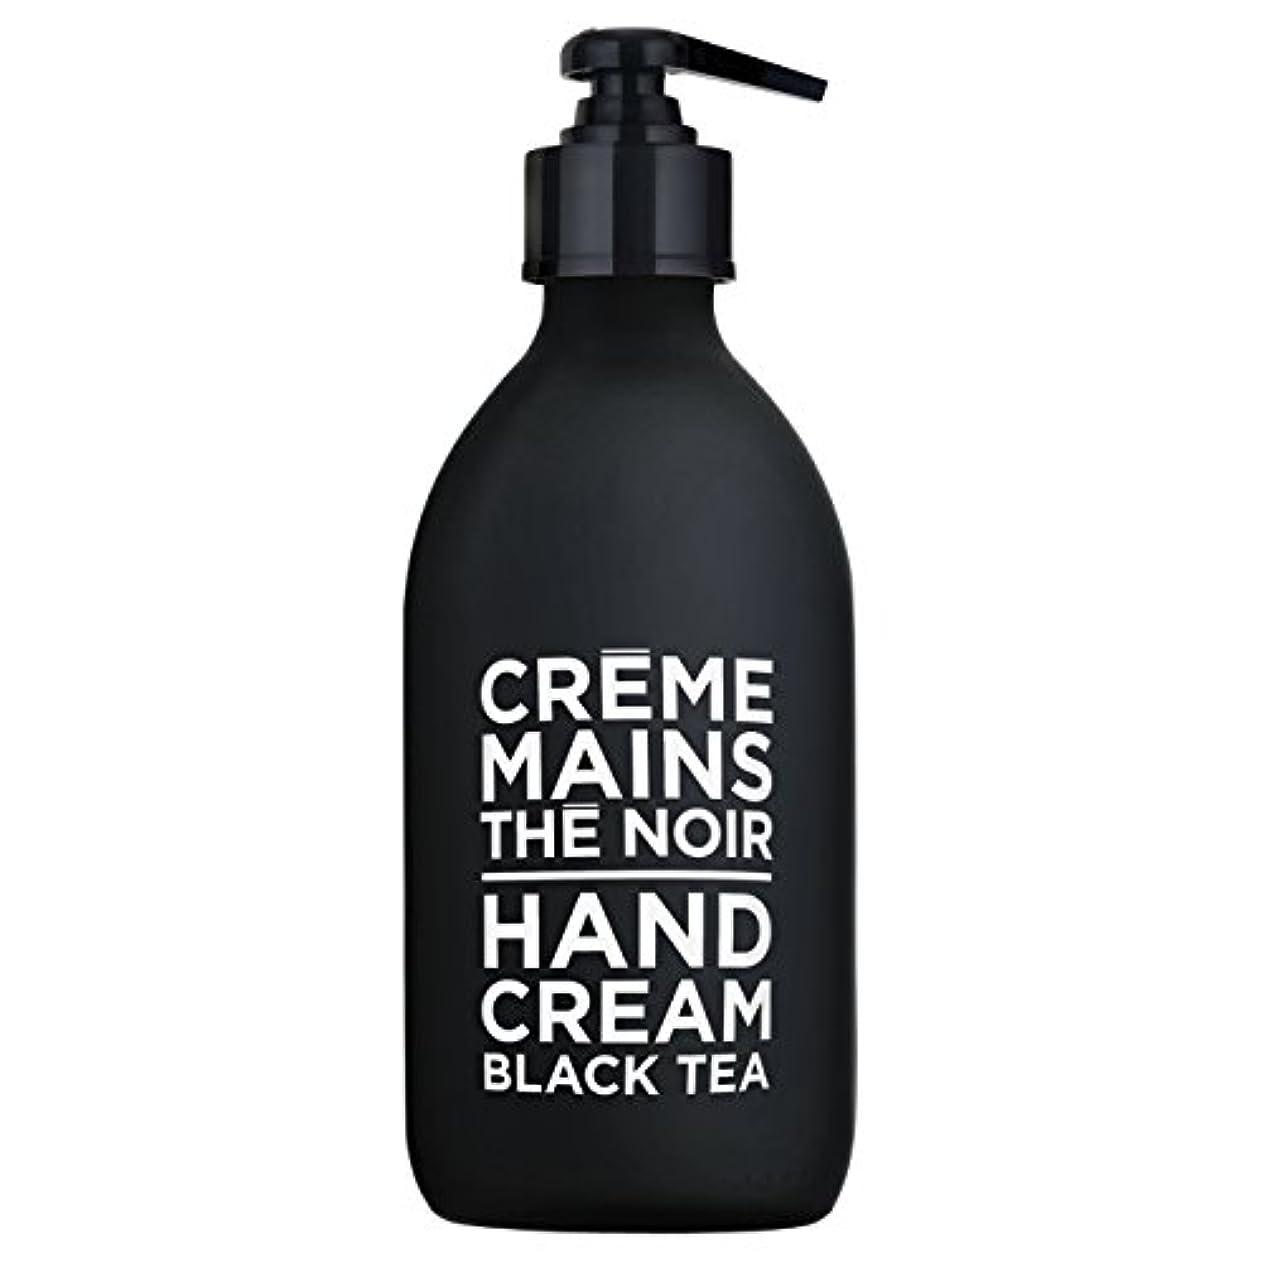 バイナリ応用イベントカンパニードプロバンス ブラック&ホワイト ハンドクリーム ブラックティー(ブラックティーにフルーティなベリーが調和した穏やかな香り) 300ml